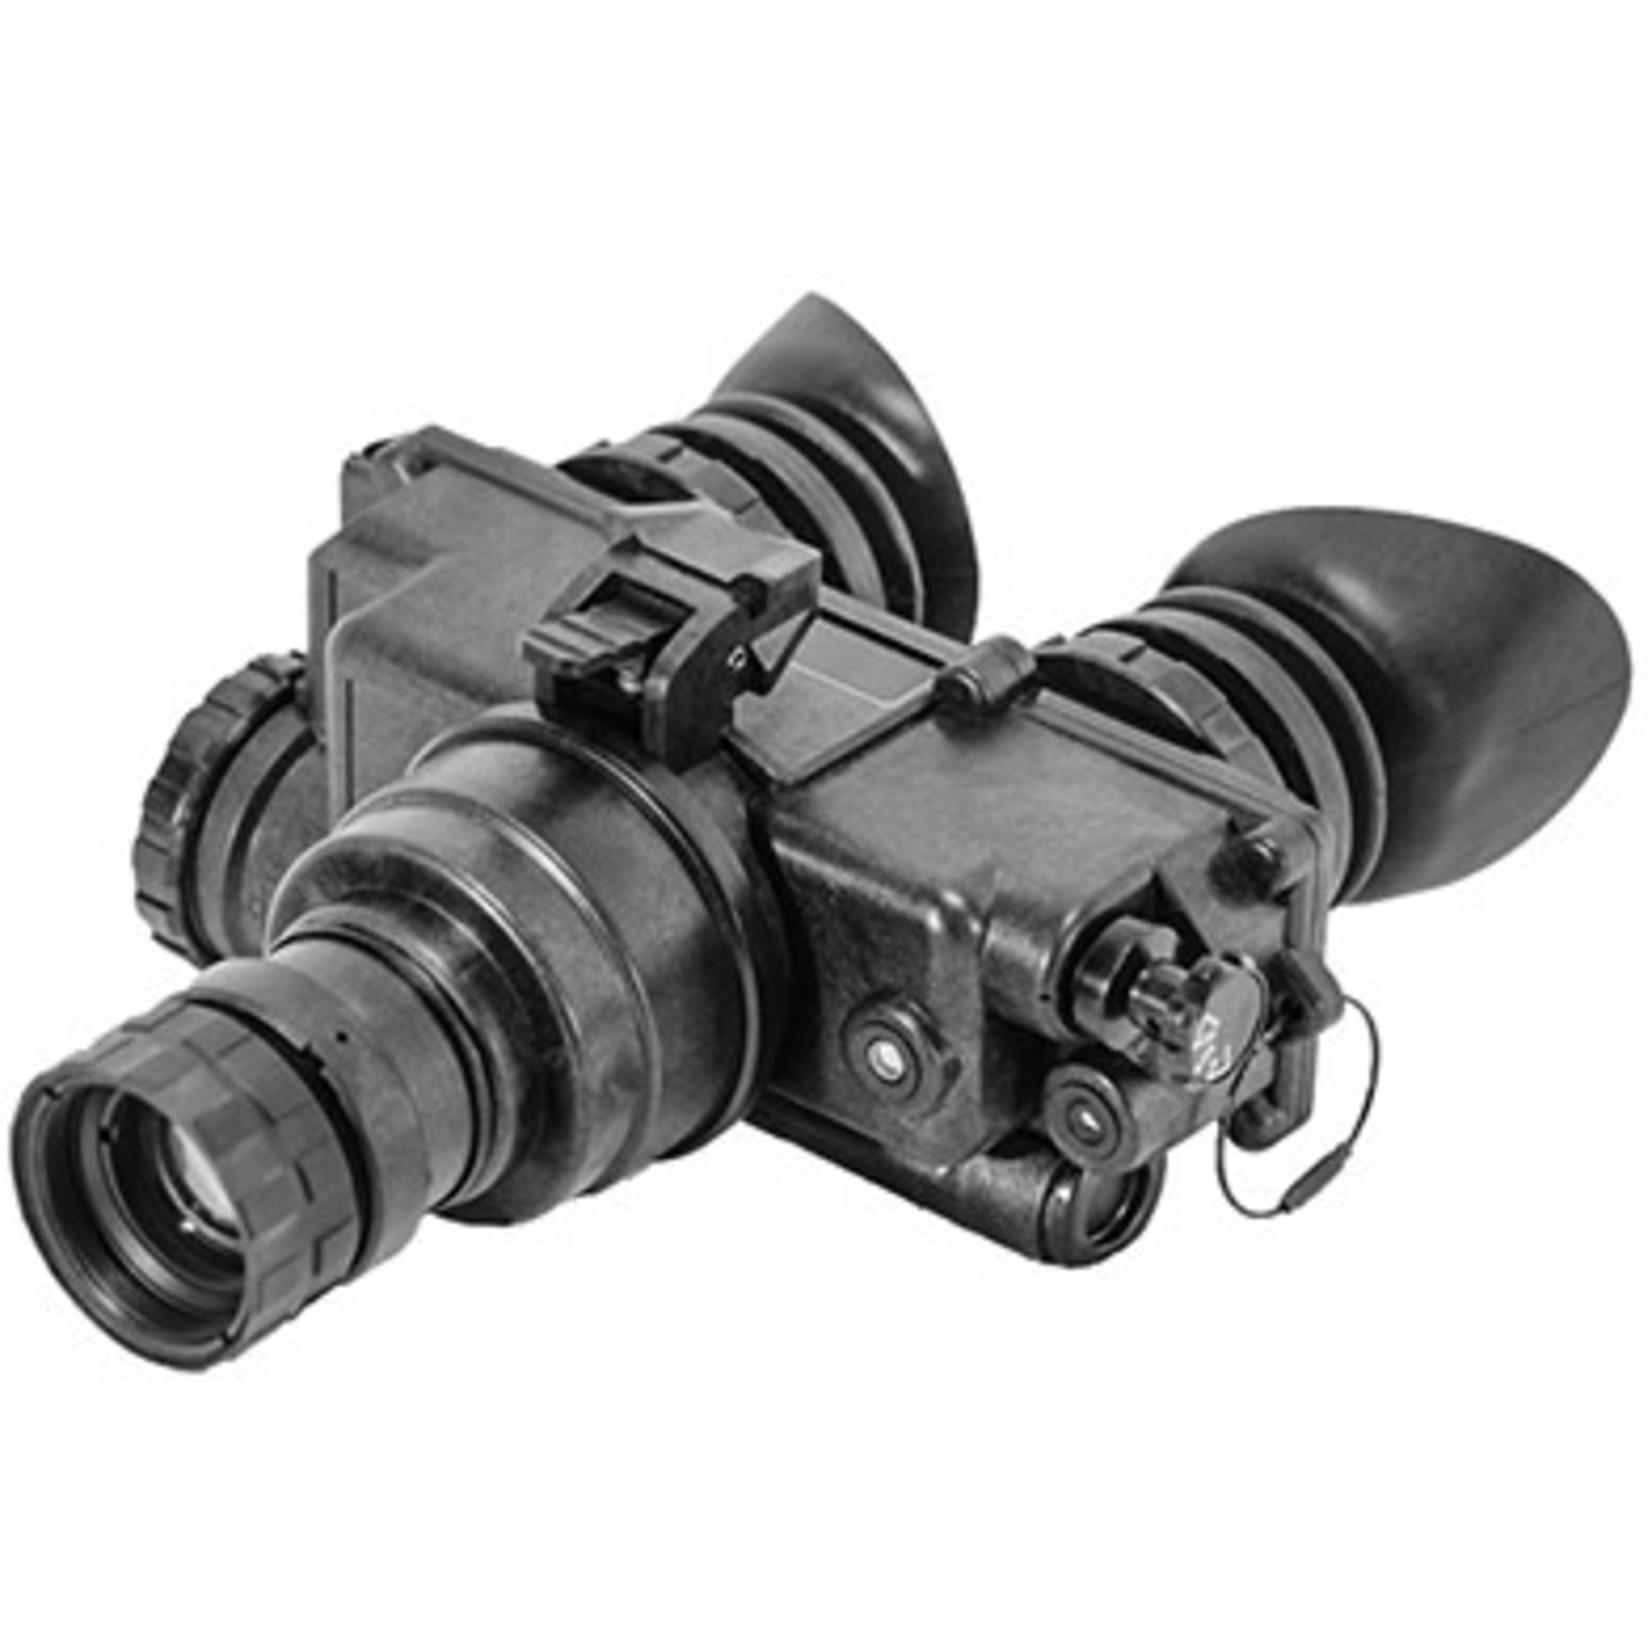 GSCI PVS-7 NIGHT VISION